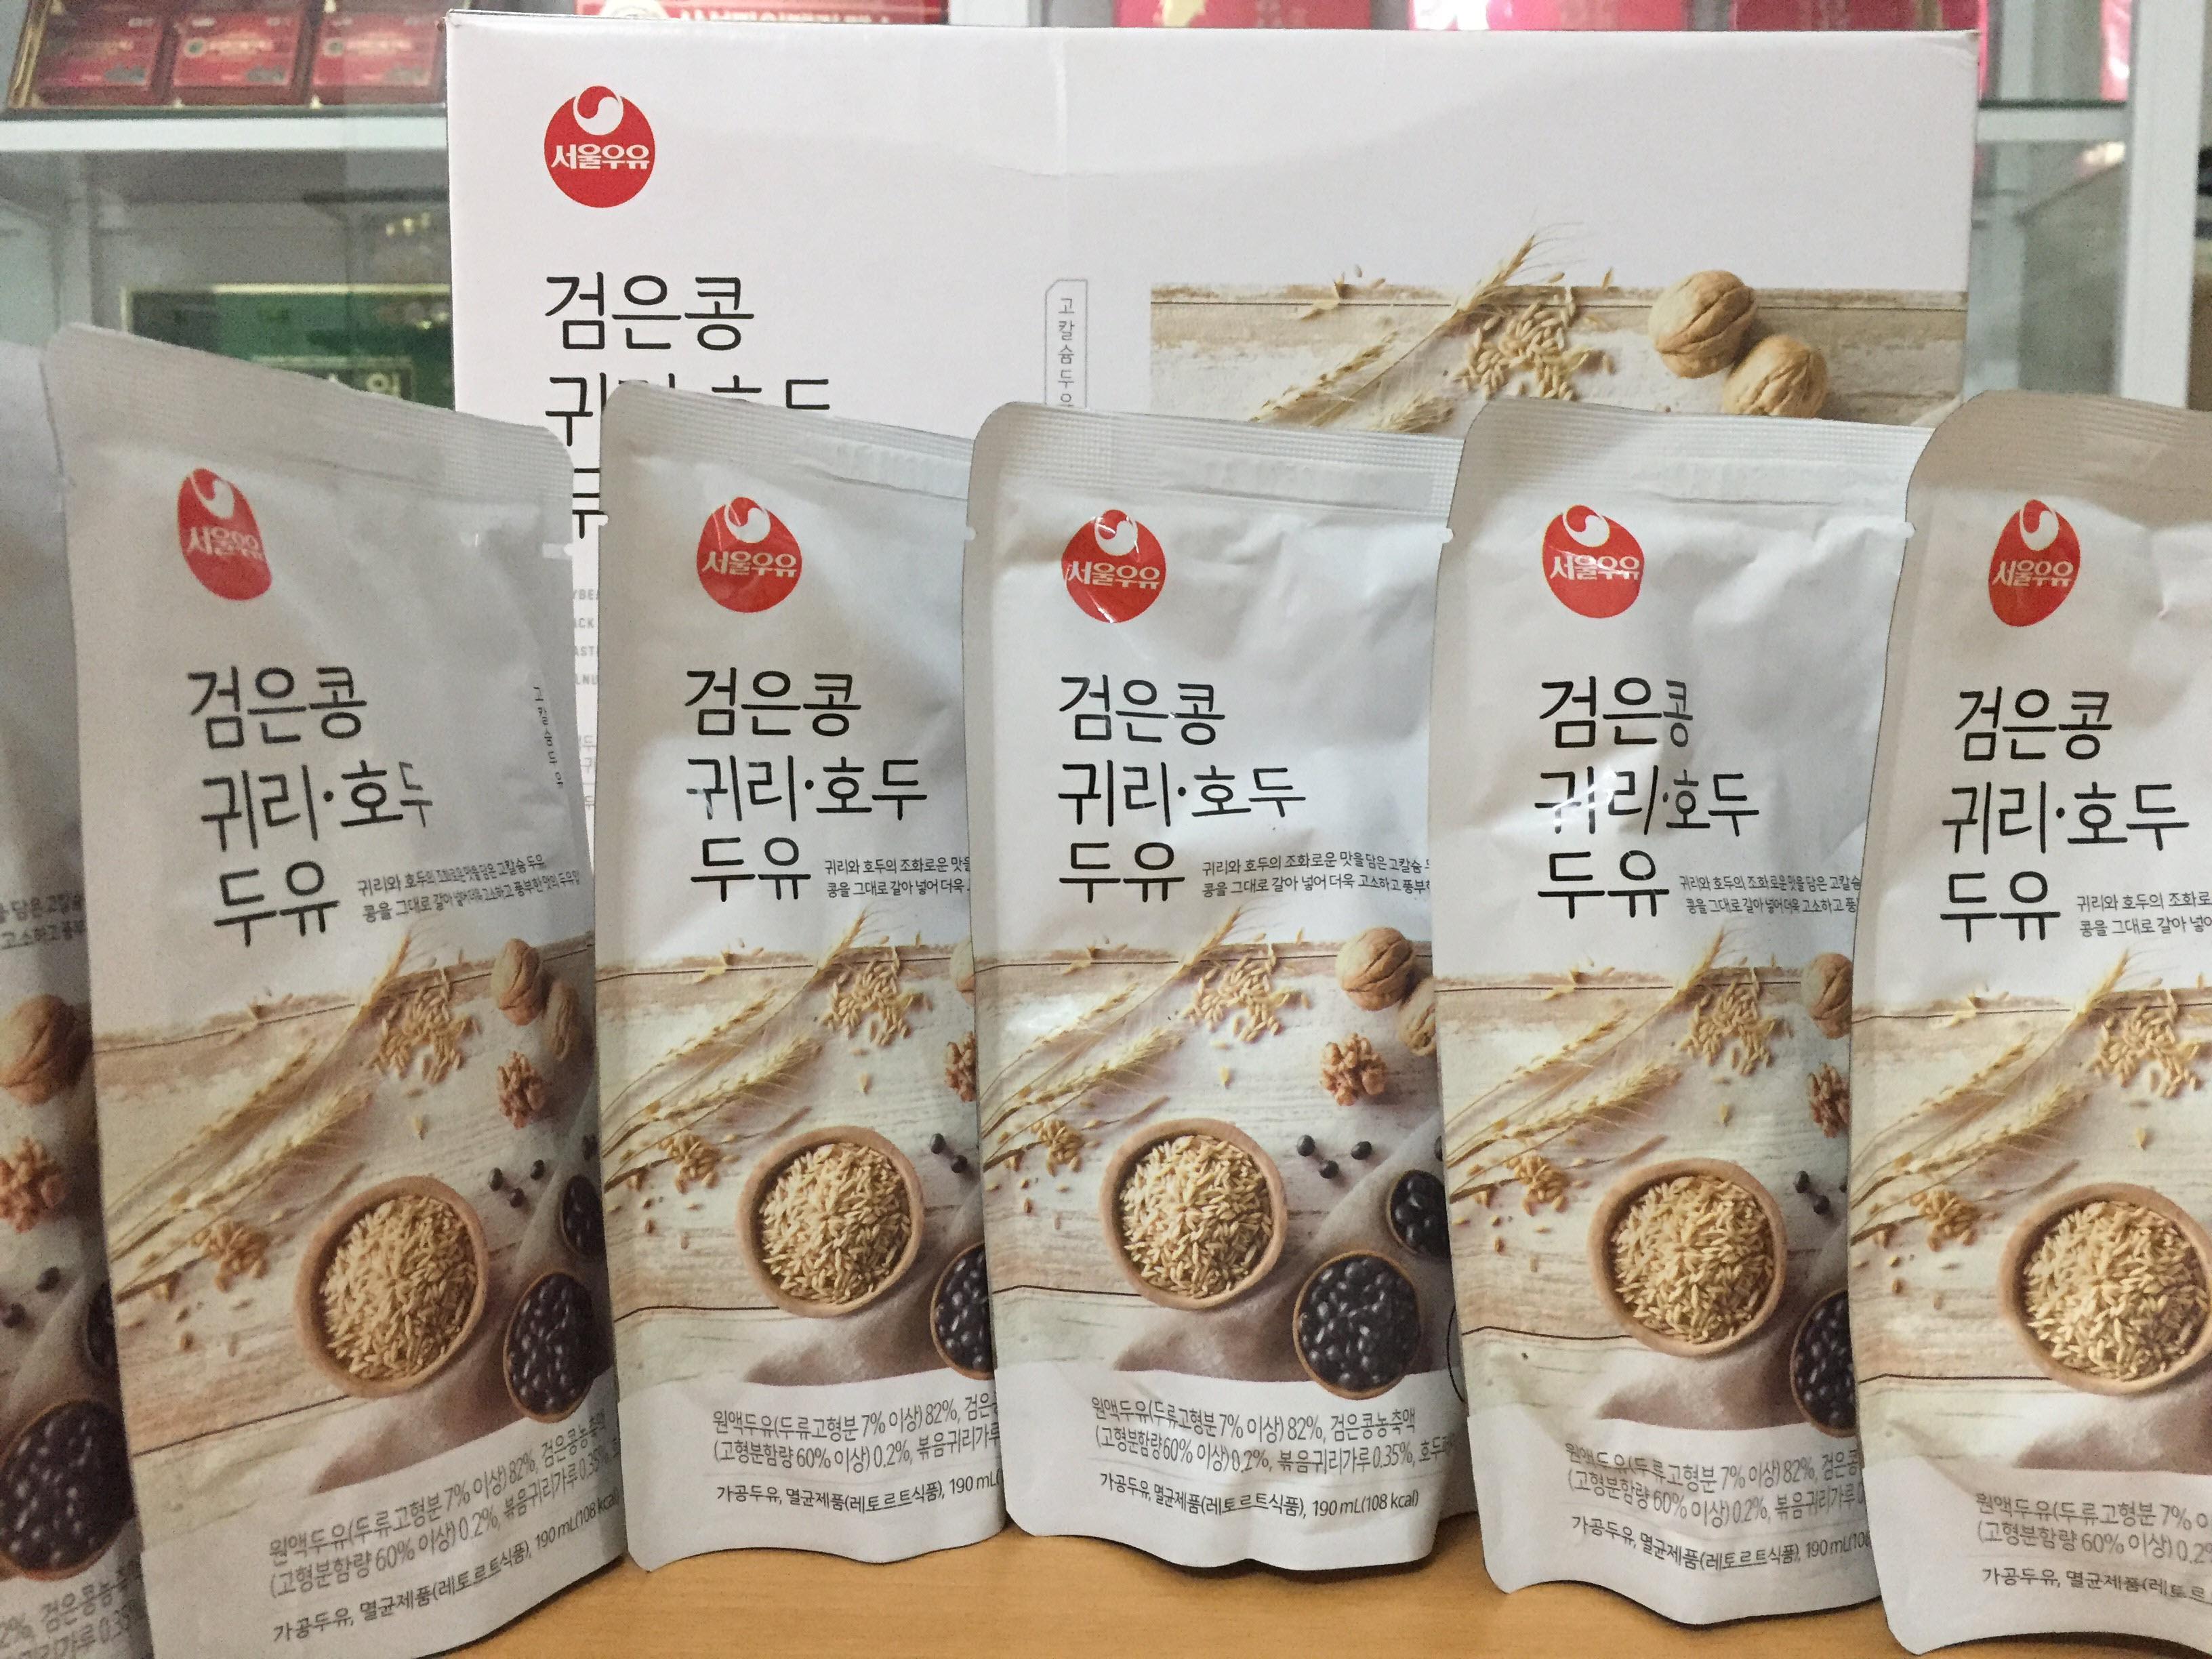 [Seoul Milk] - Sữa Hạt Óc Chó - Hạnh Nhân - Yến Mạch 190ml (5 bịch) - Sữa Hạt số 1 Hàn Quốc